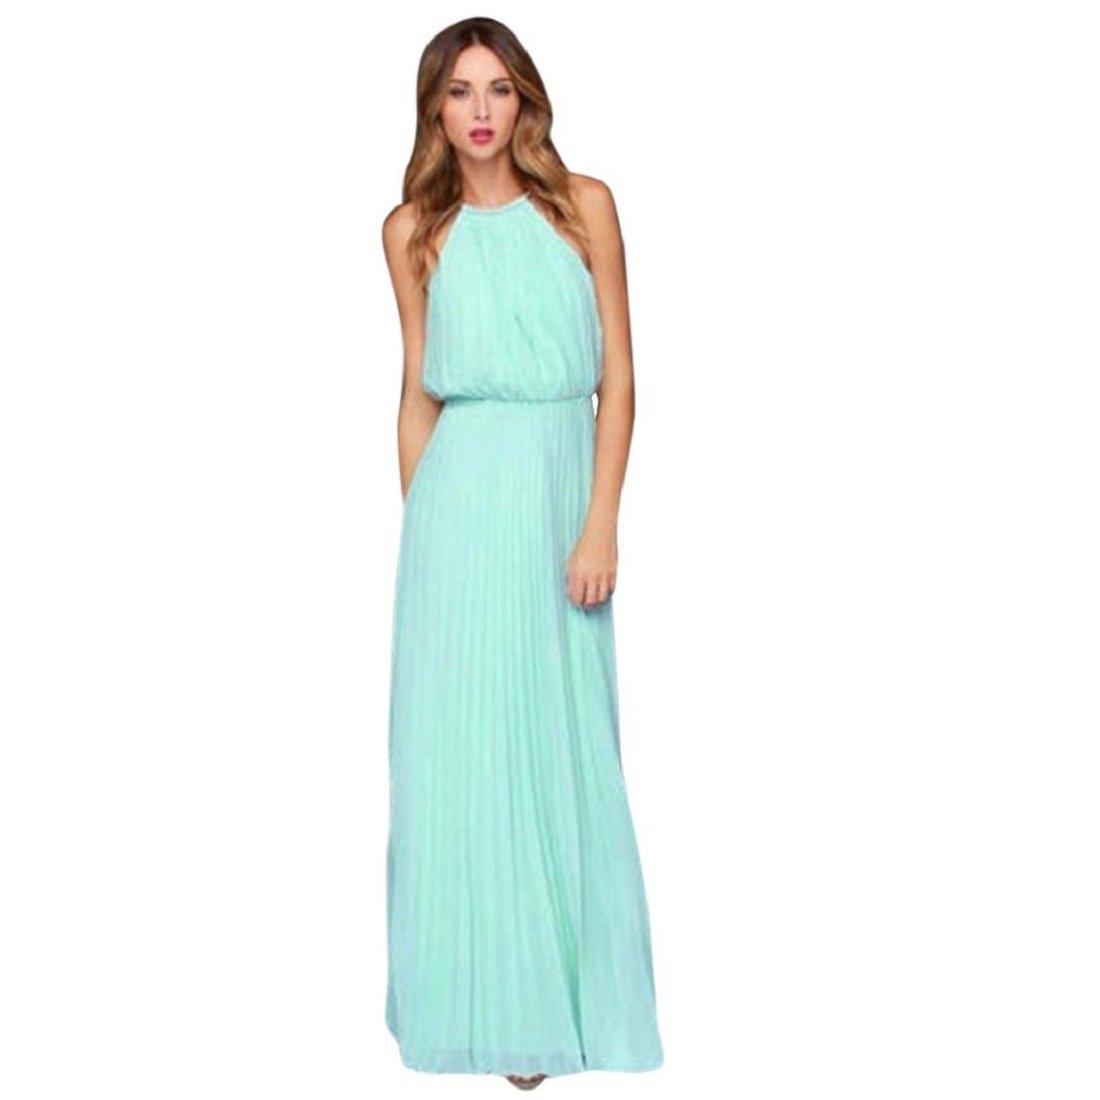 PAOLIAN Damen Chiffon Abendkleid ärmellose Elegant Prom Langes Maxikleid Cocktailkleid Frauen Formale Partykleid Lange Sommerkleid